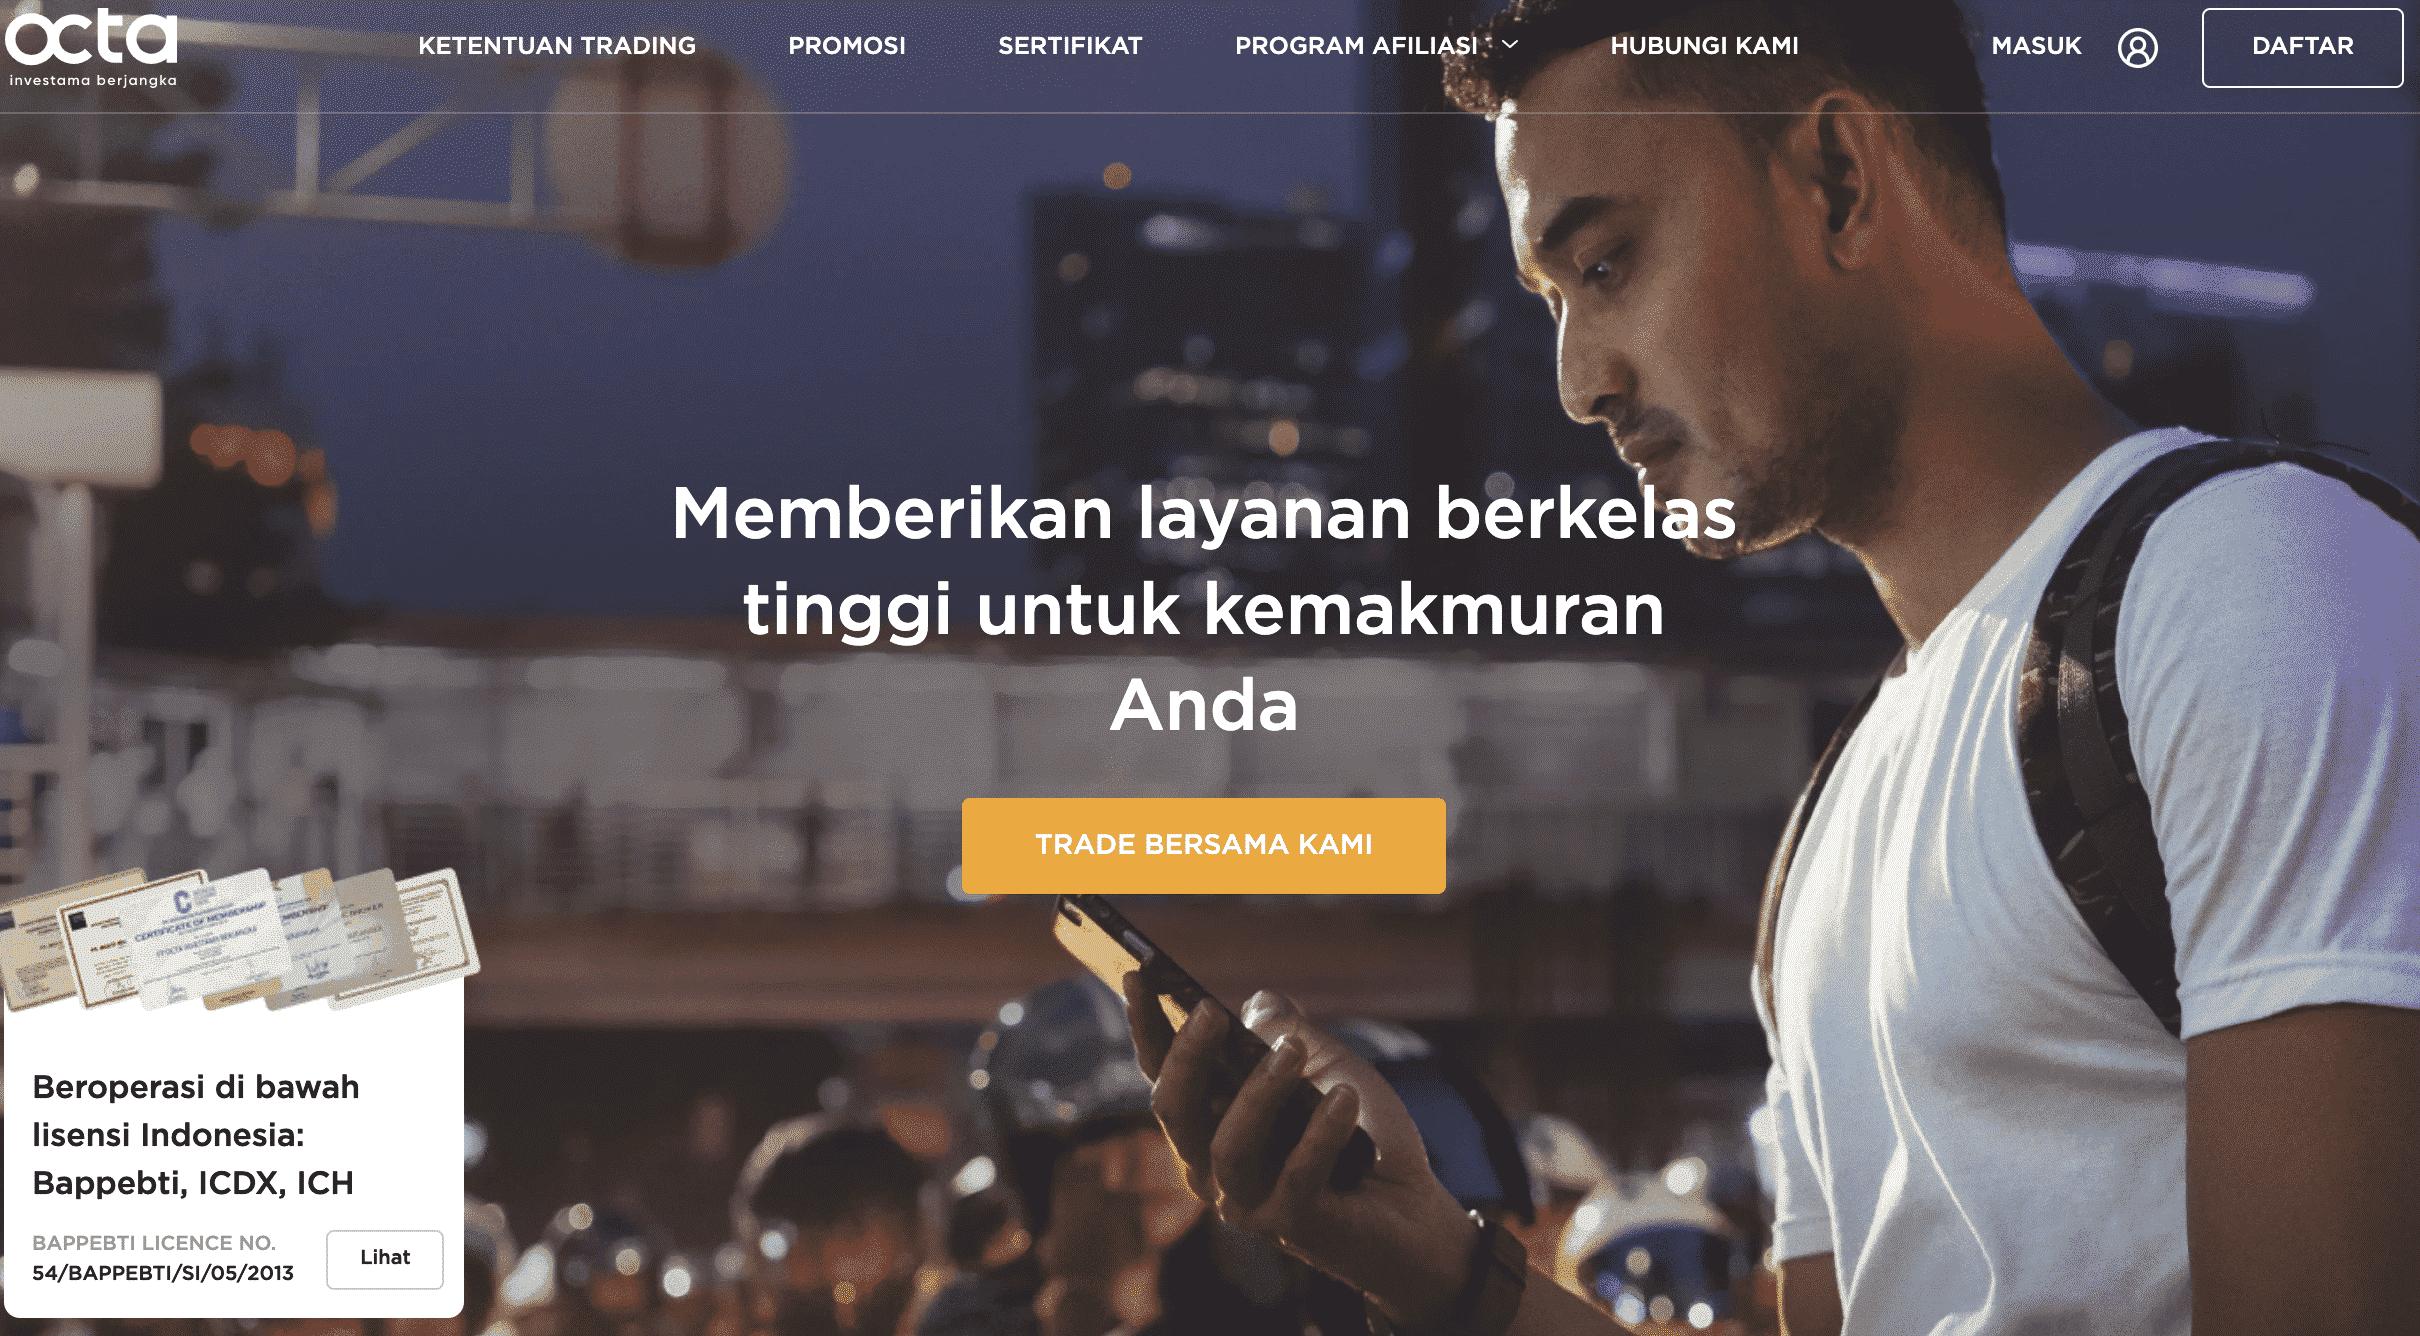 Review Trading Forex Broker Terbaik Ijin Bappebti Indonesia Min Rp1 Juta